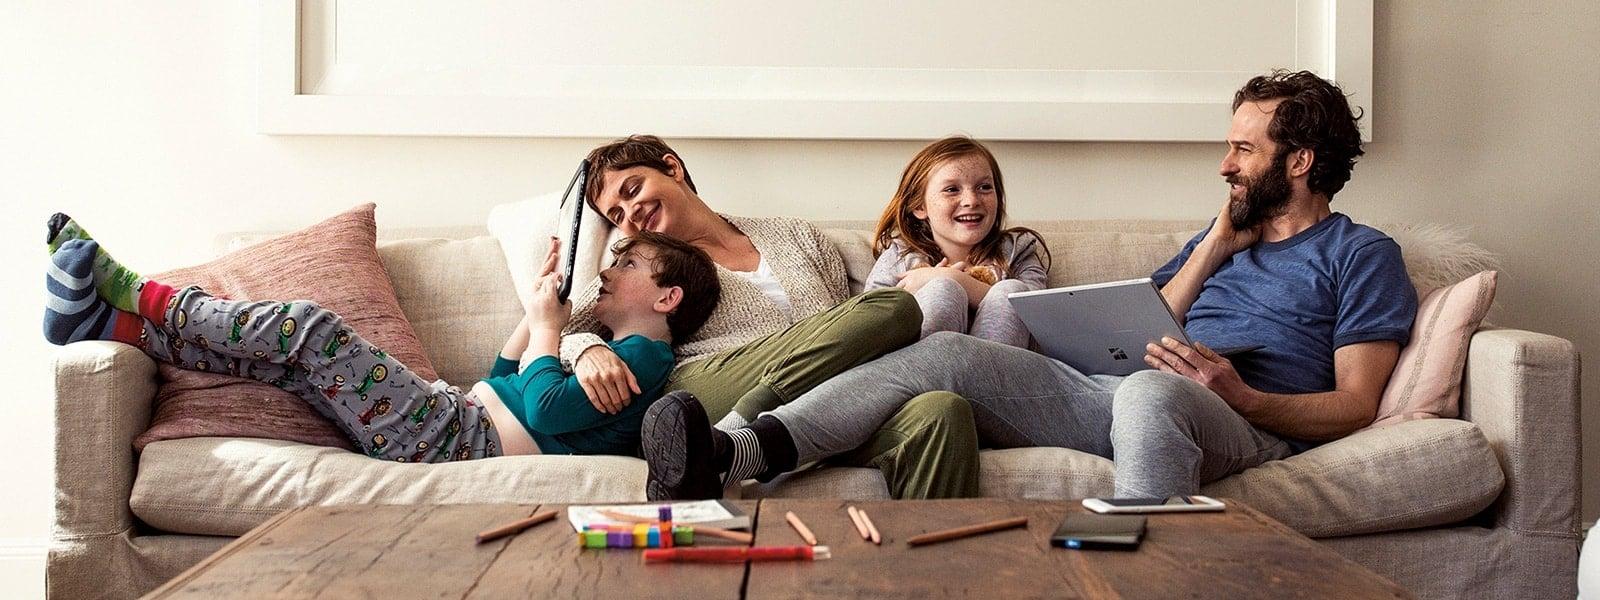 Familie așezată pe canapea